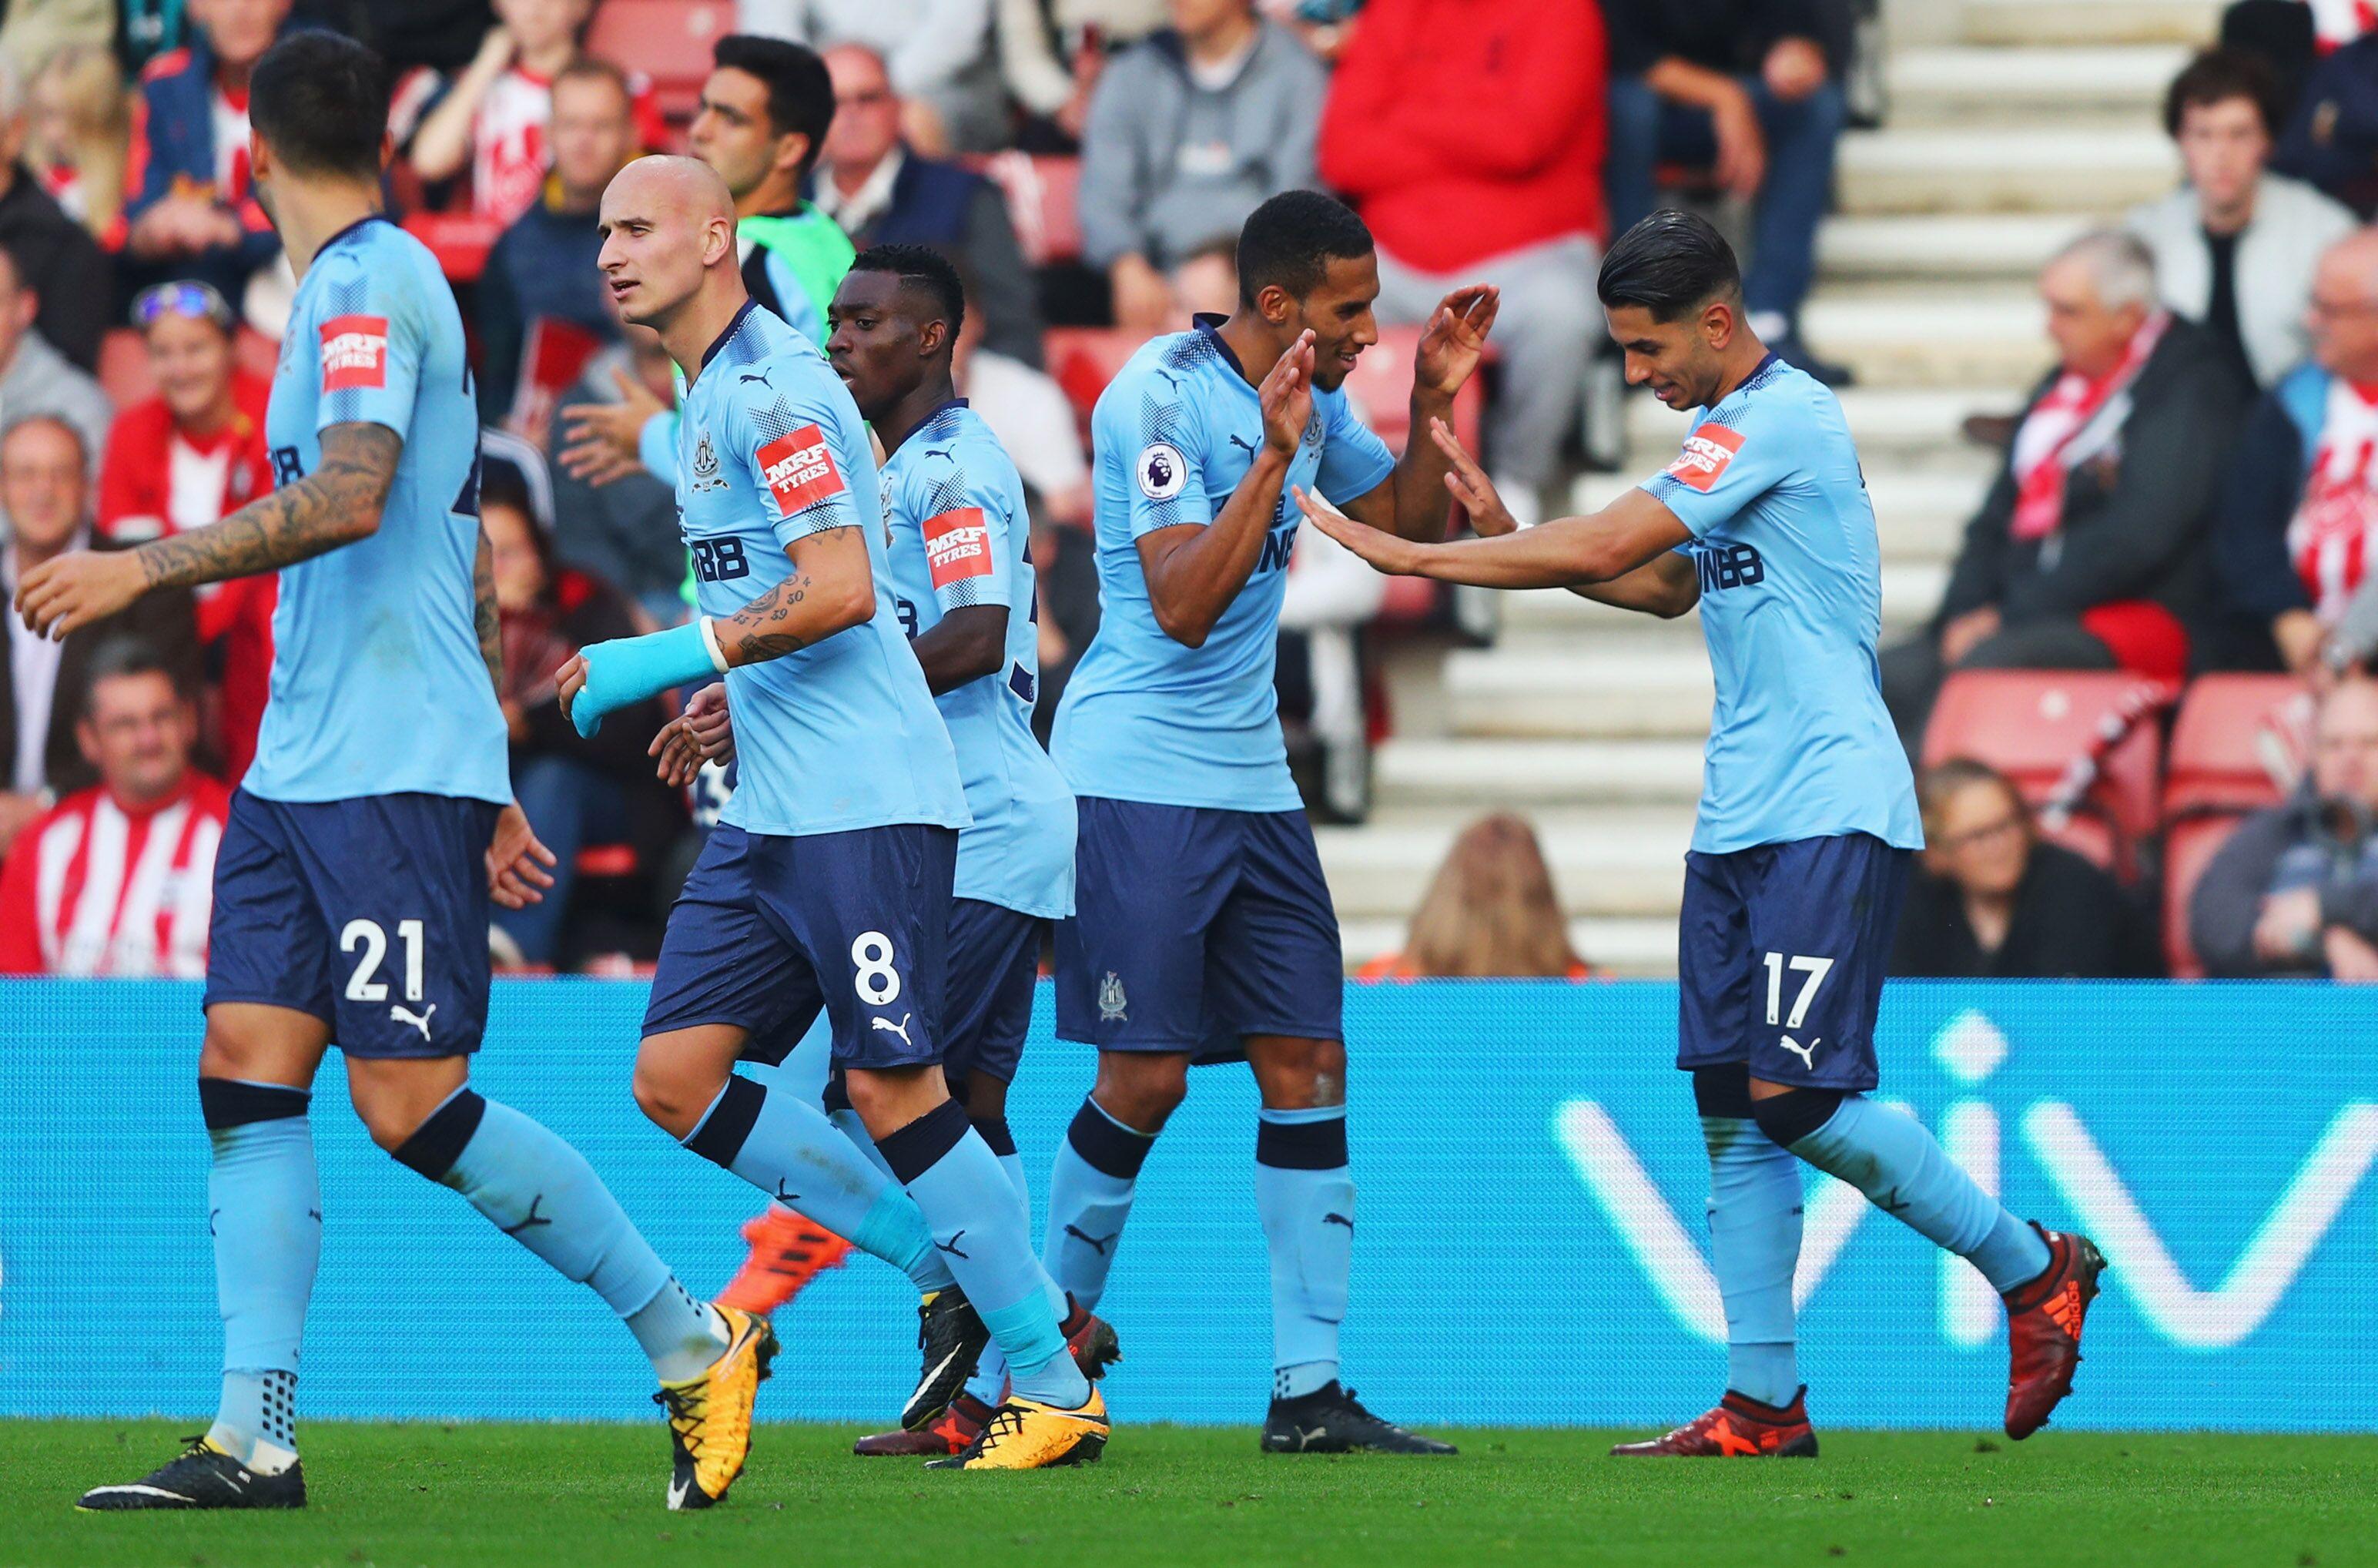 Southampton England October 15 Ayoze Perez Of Newcastle United 17 Celebrates